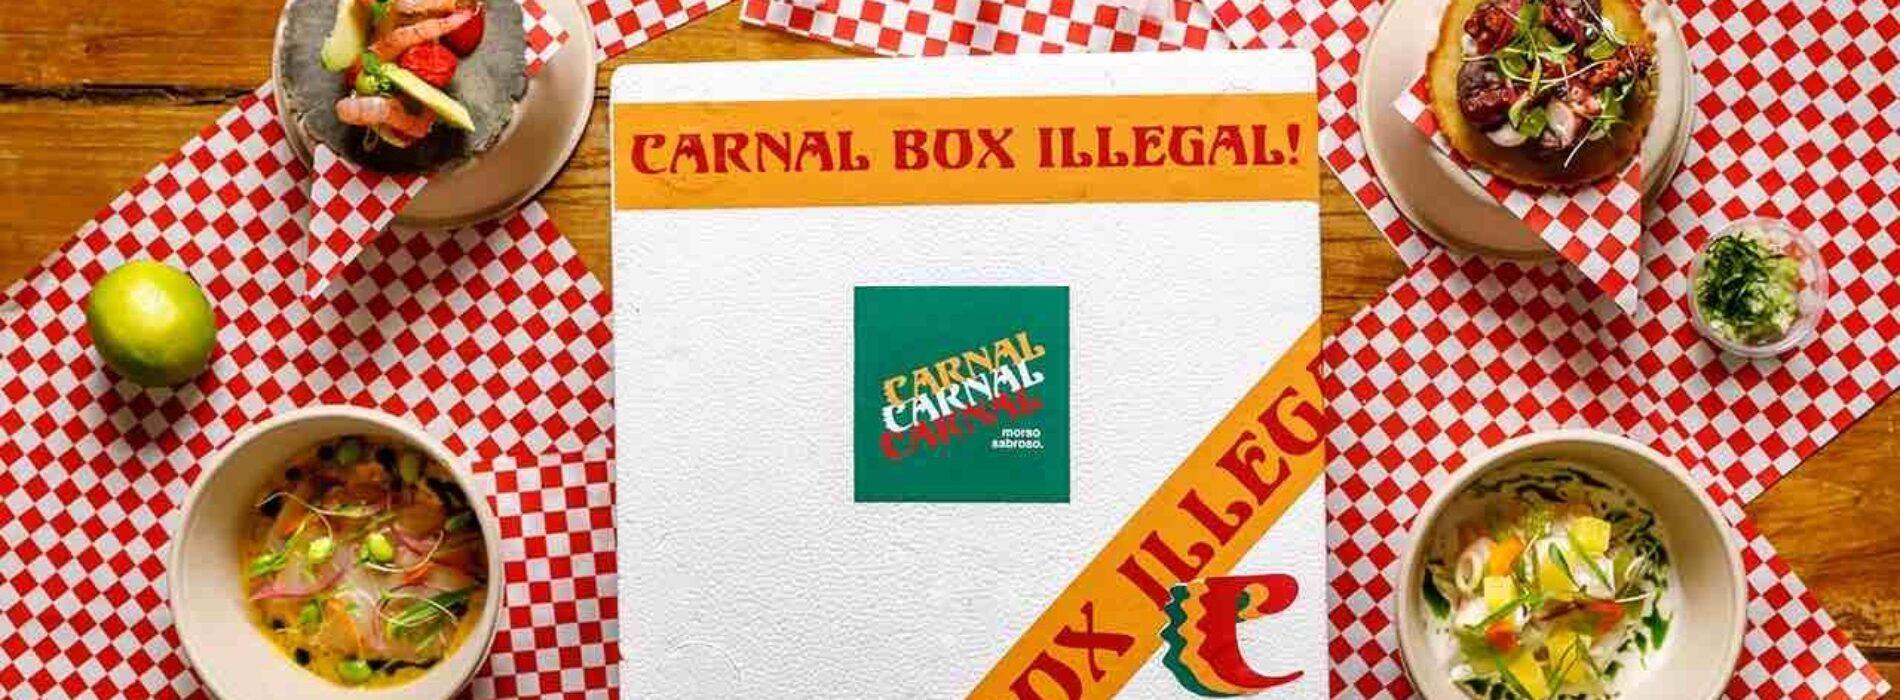 Carnal delivery Roma, le box illegal di Roy Caceres tra tortillas, ceviche e carni marinate